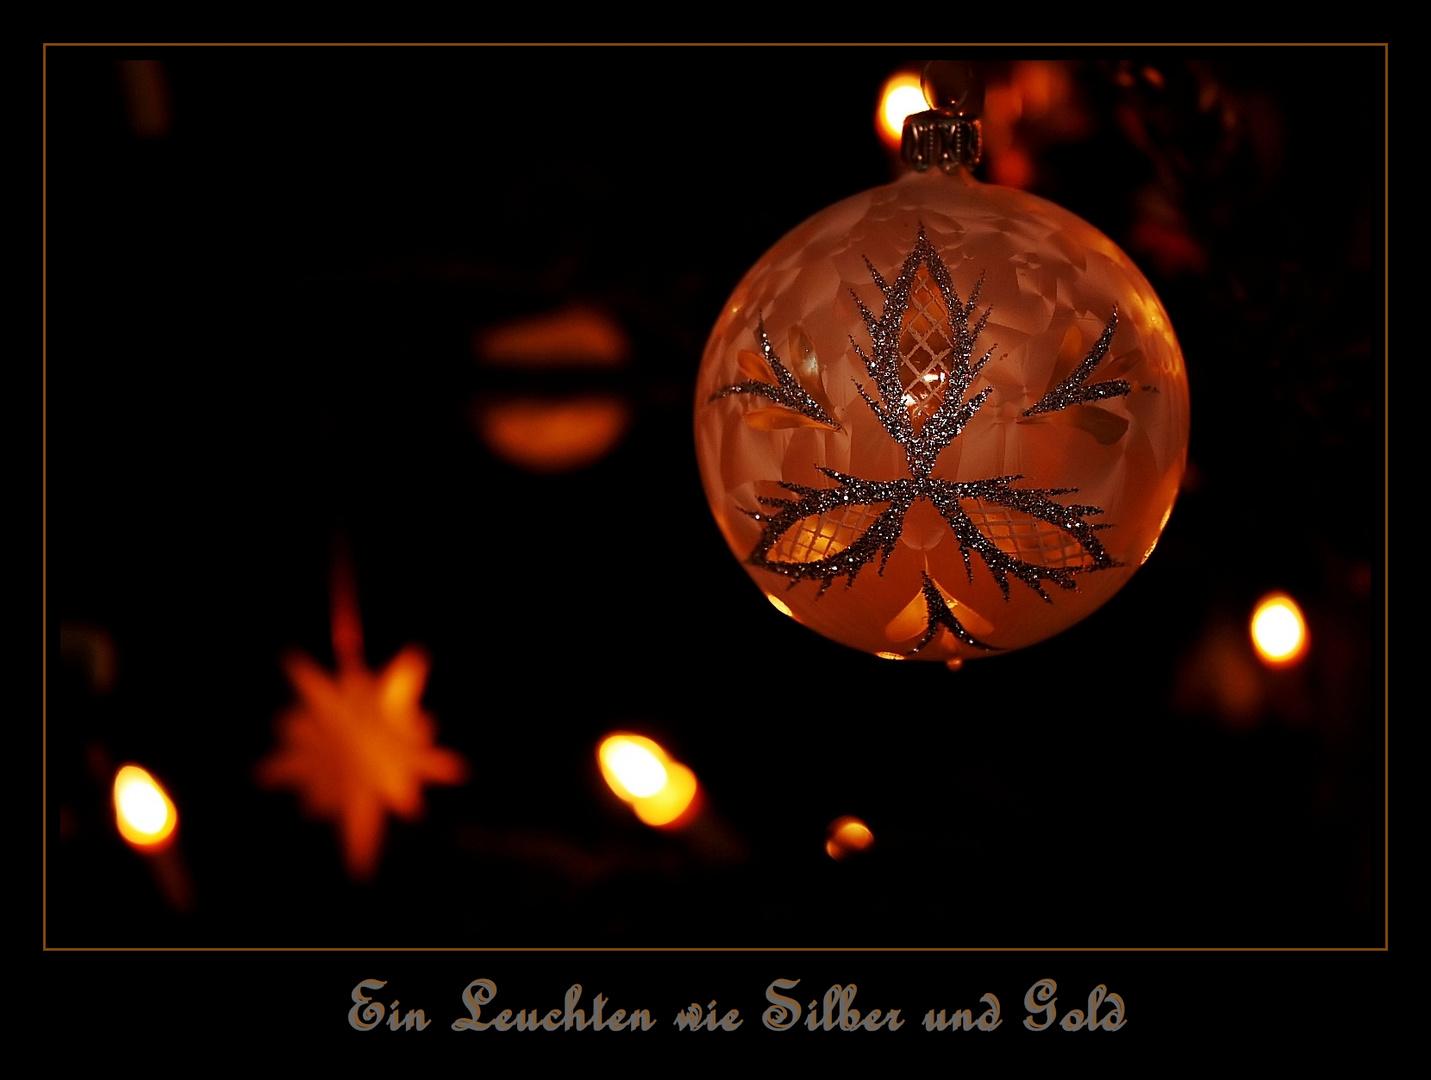 Ein Leuchten wie Silber und Gold